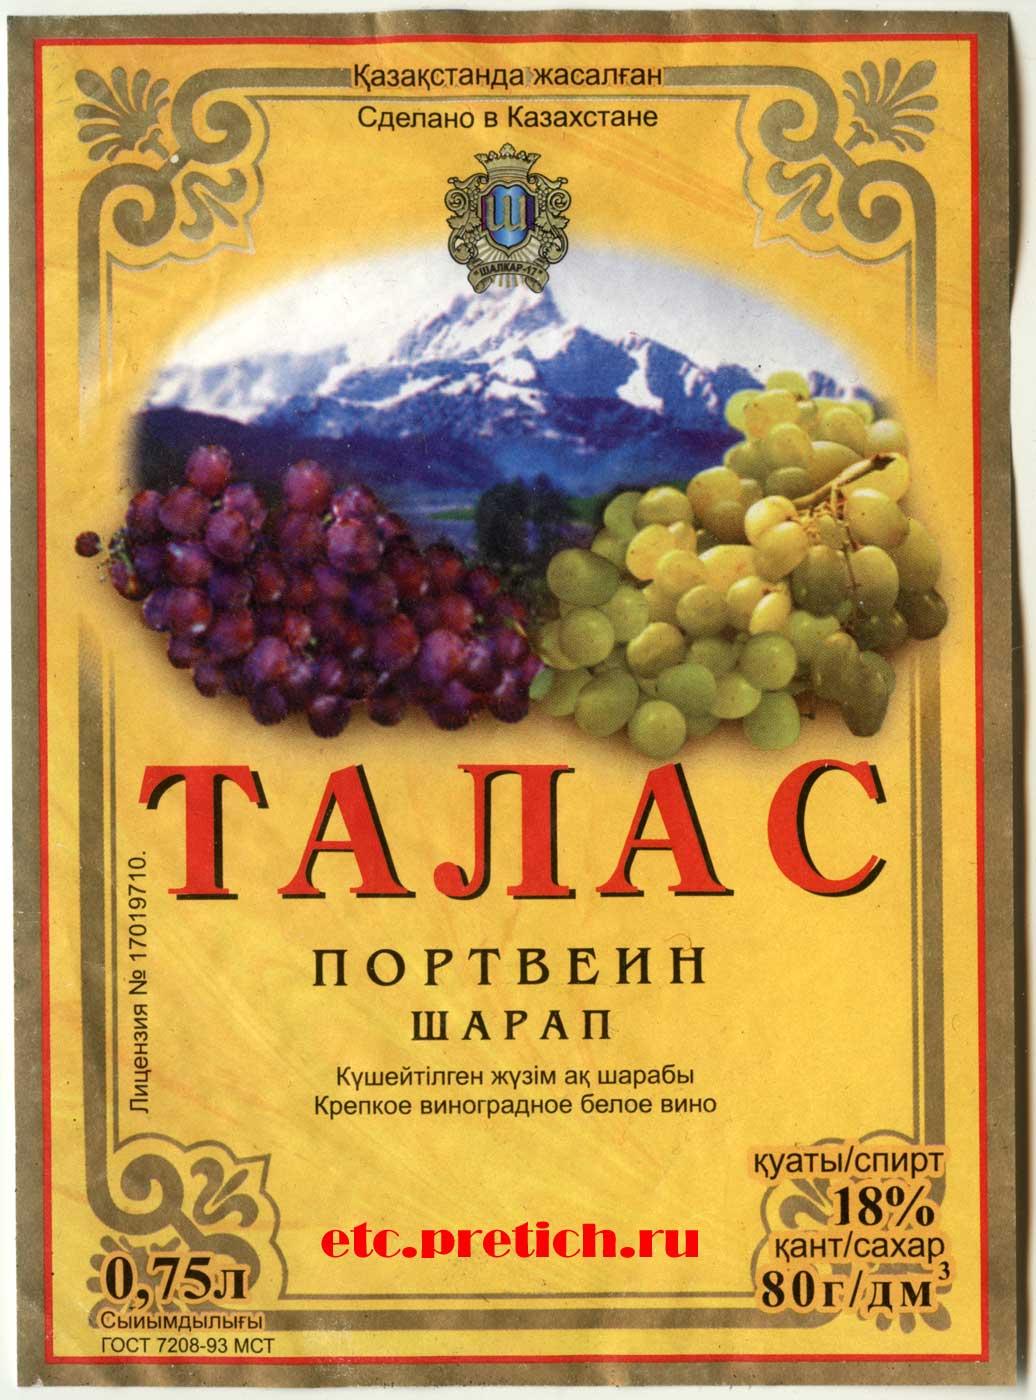 Где в Казахстане, в Алматы можно купить портвейн Талас